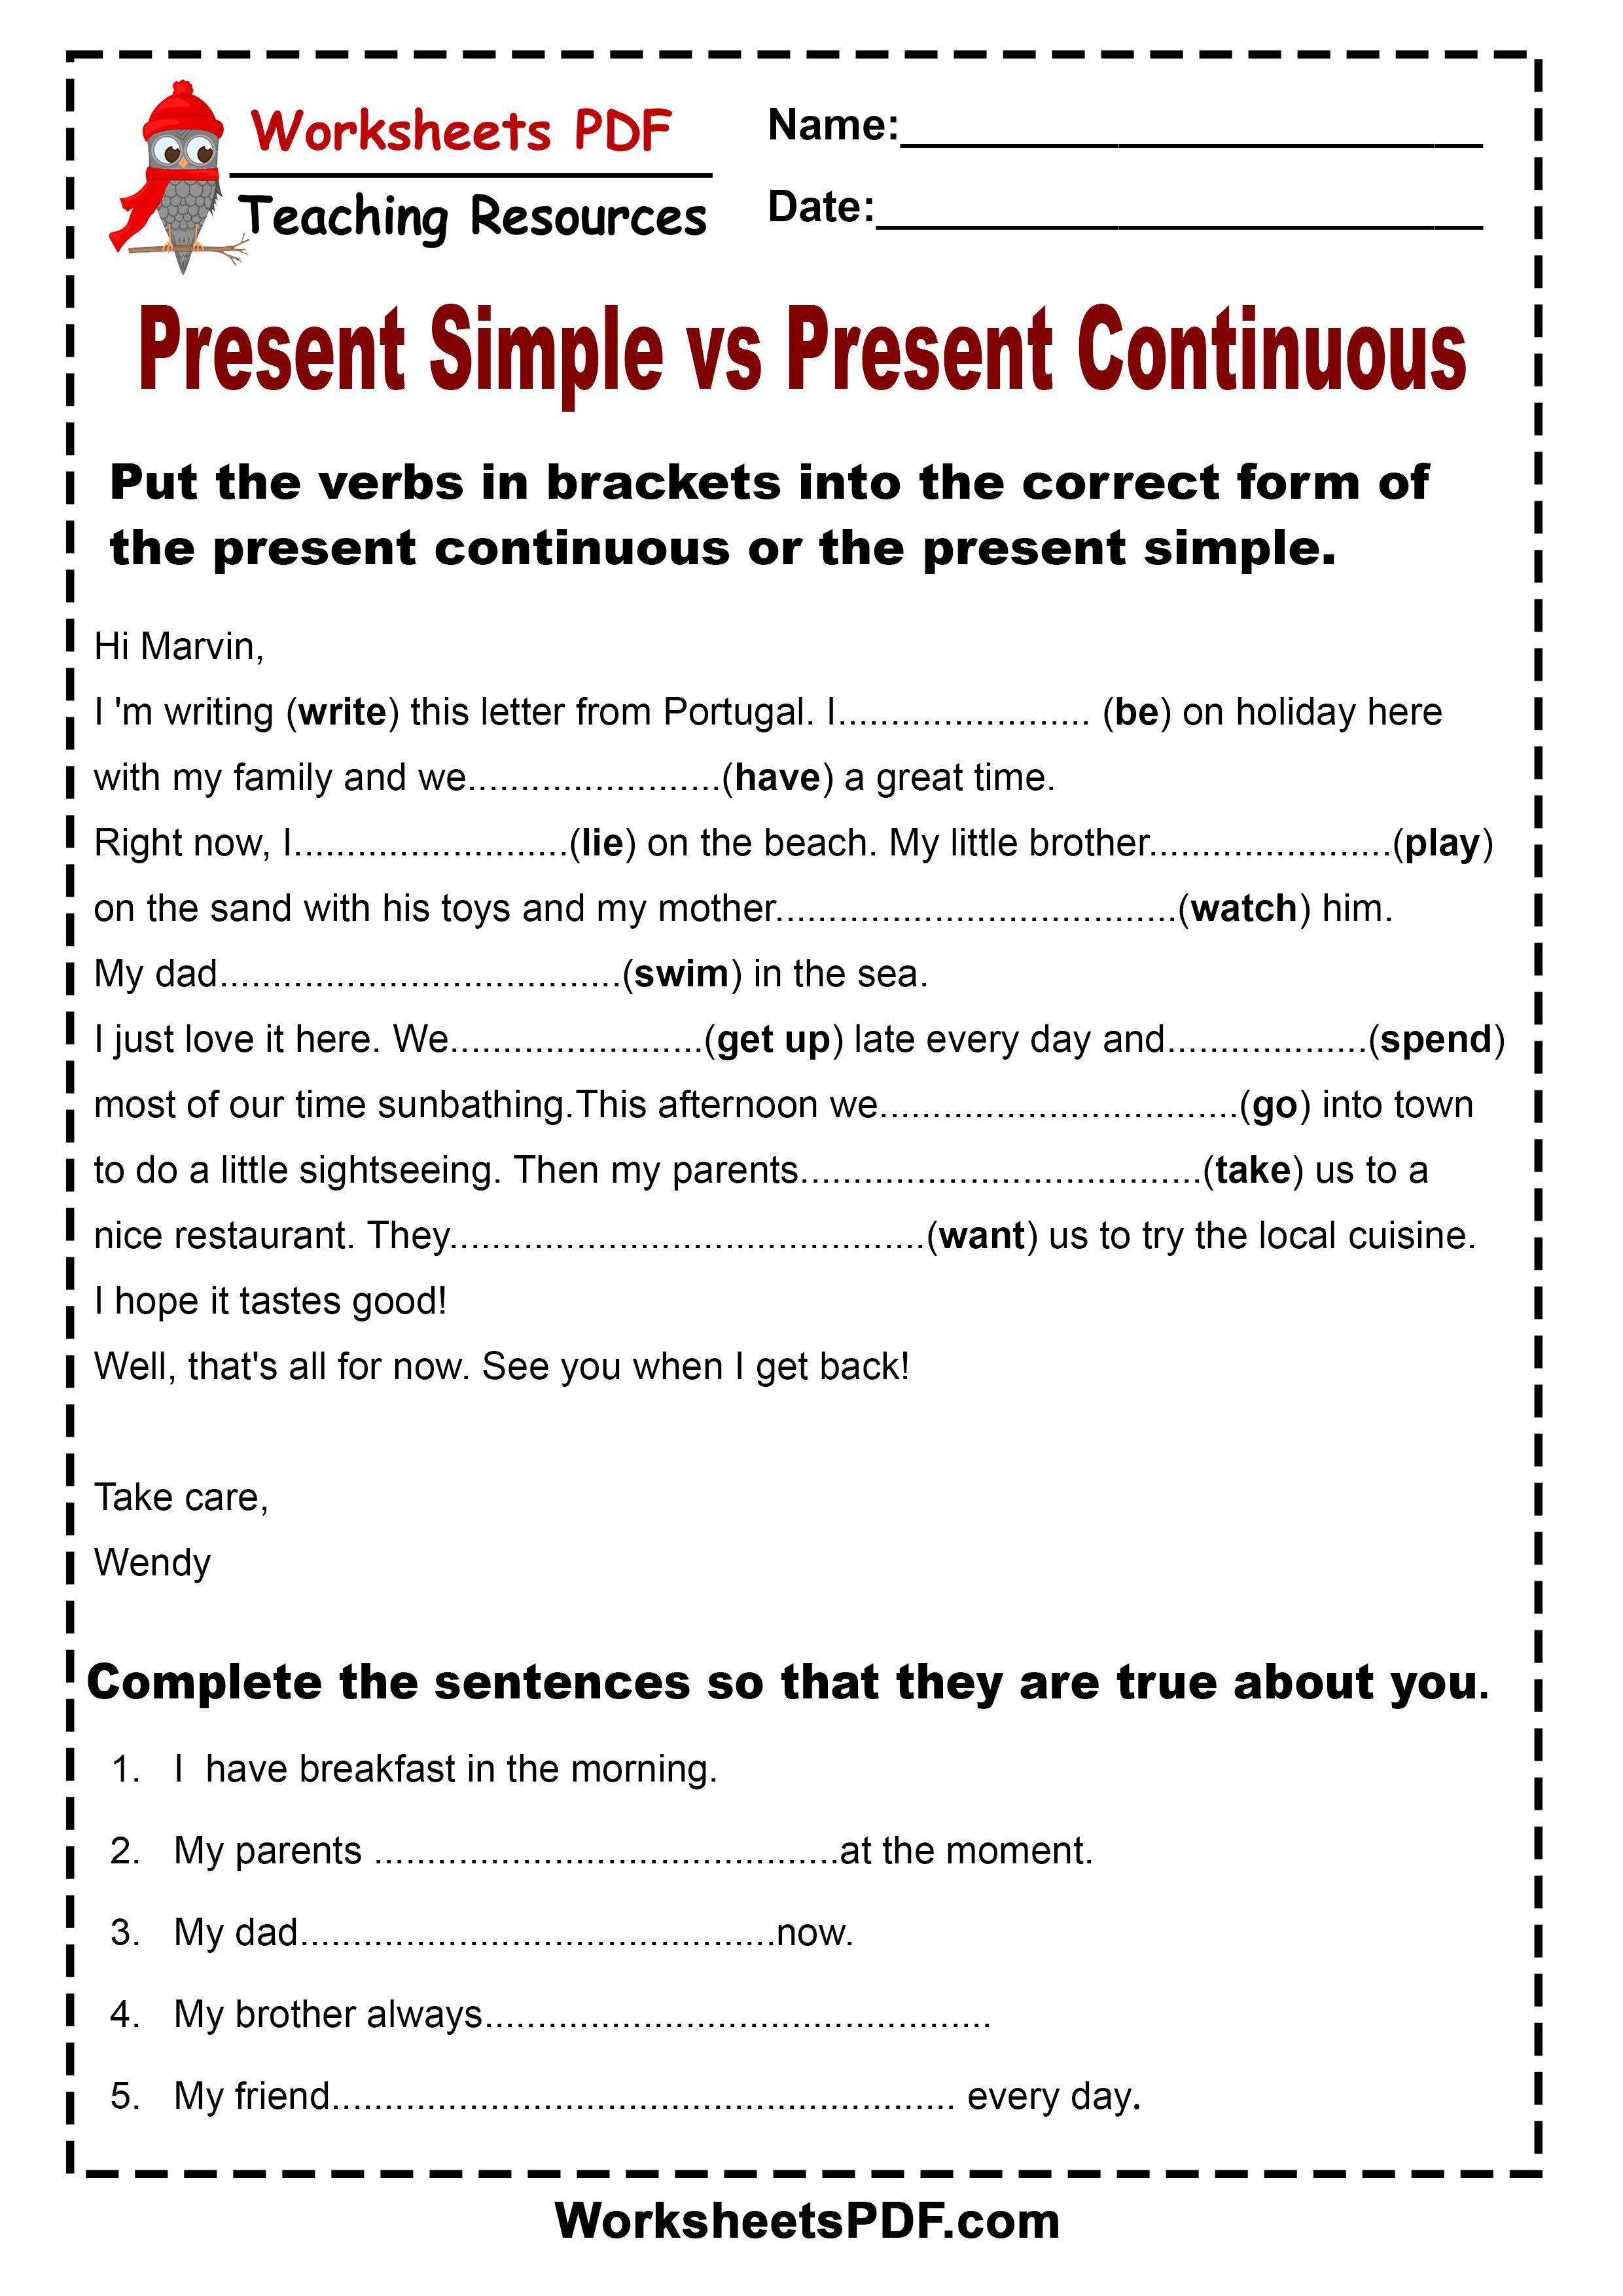 Present Simple Vs Present Continuous Con Imagenes